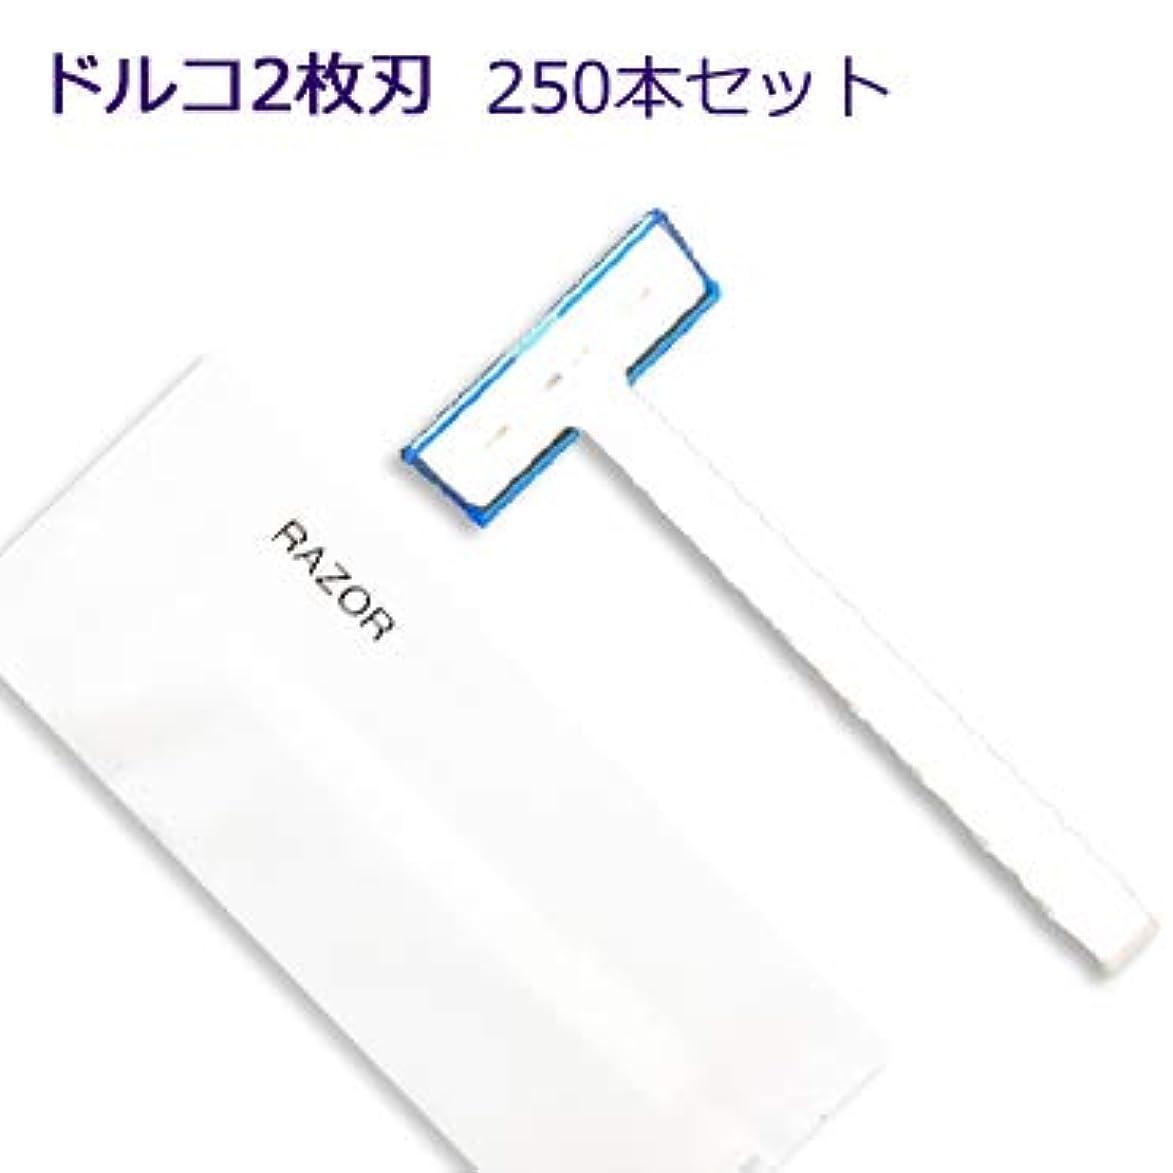 未亡人おっと許すホテル業務用 カミソリ マットシリーズ ドルコ 2枚刃 (1セット250個入)